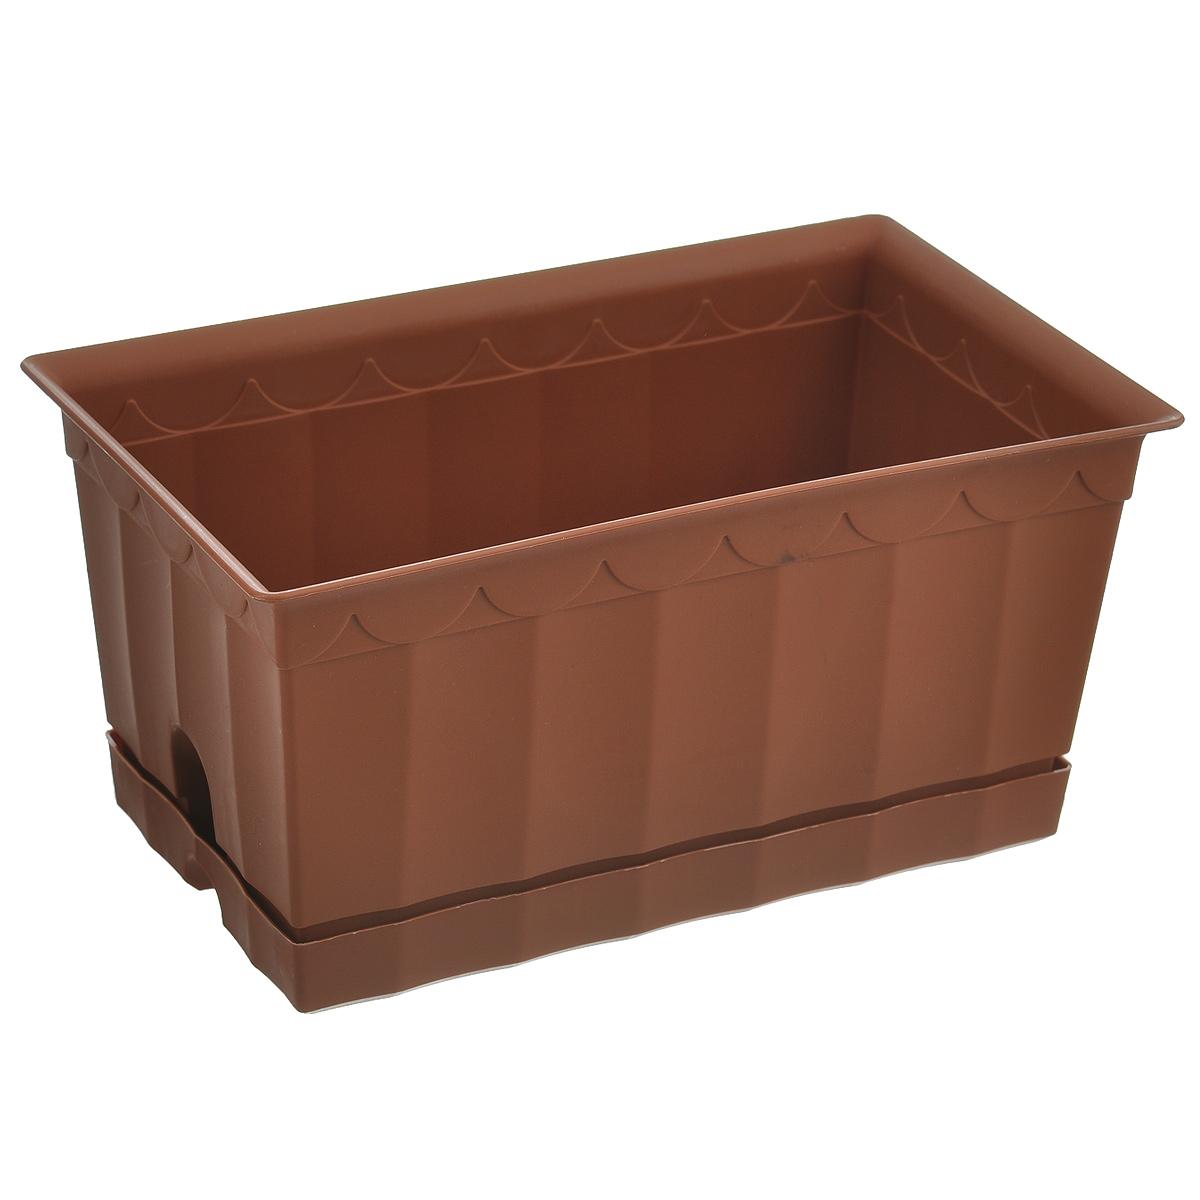 Ящик для цветов с поддоном Полимербыт, цвет: коричневый, 20 х 12 х 9,5 см531-402Ящик для цветов Полимербыт, выполненный из пластика коричневого цвета, - прекрасный способ подчеркнуть красоту и уникальность любого растения и дополнить интерьер помещения. Такой ящик также прекрасно подойдет для рассады. К ящику прилагается поддон.